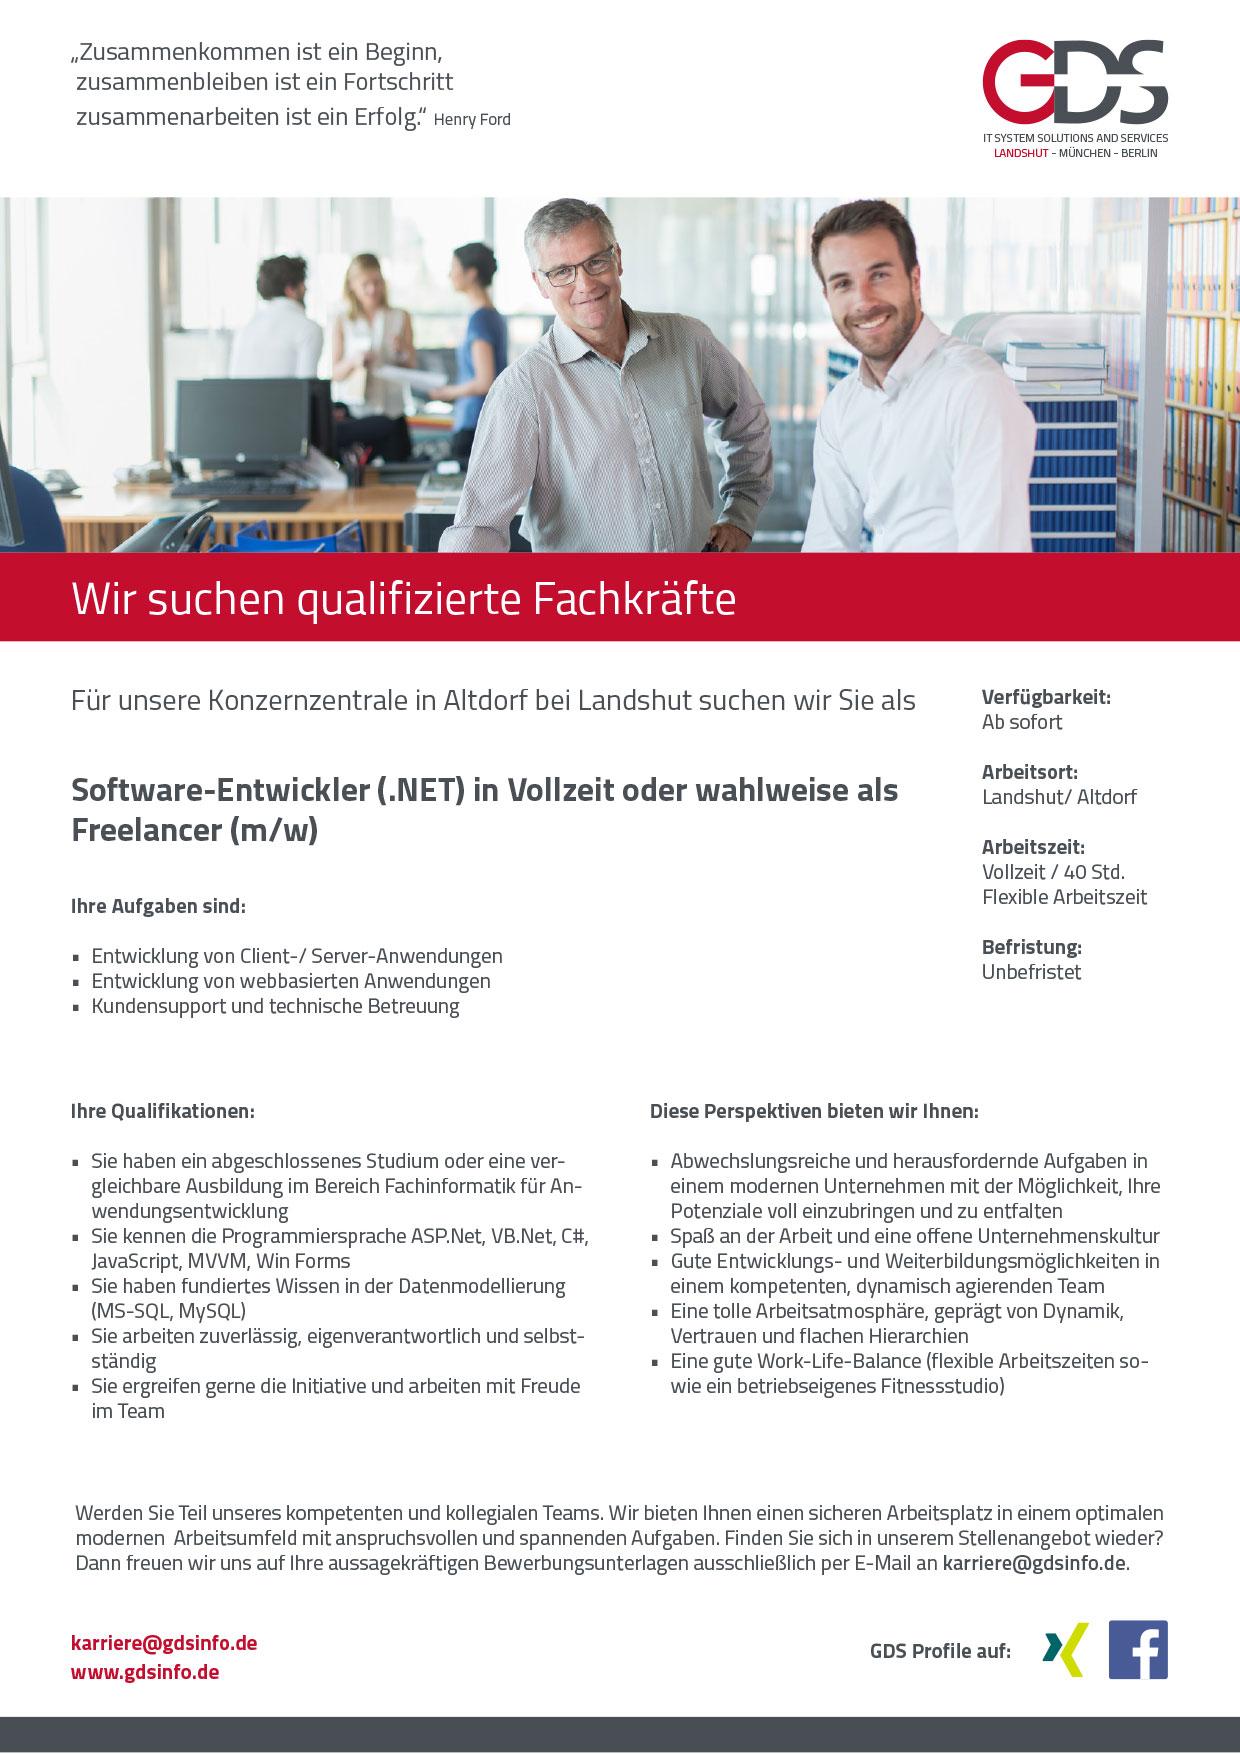 Software-Entwickler (.NET) (m/w) Standort Altdorf/Landshut